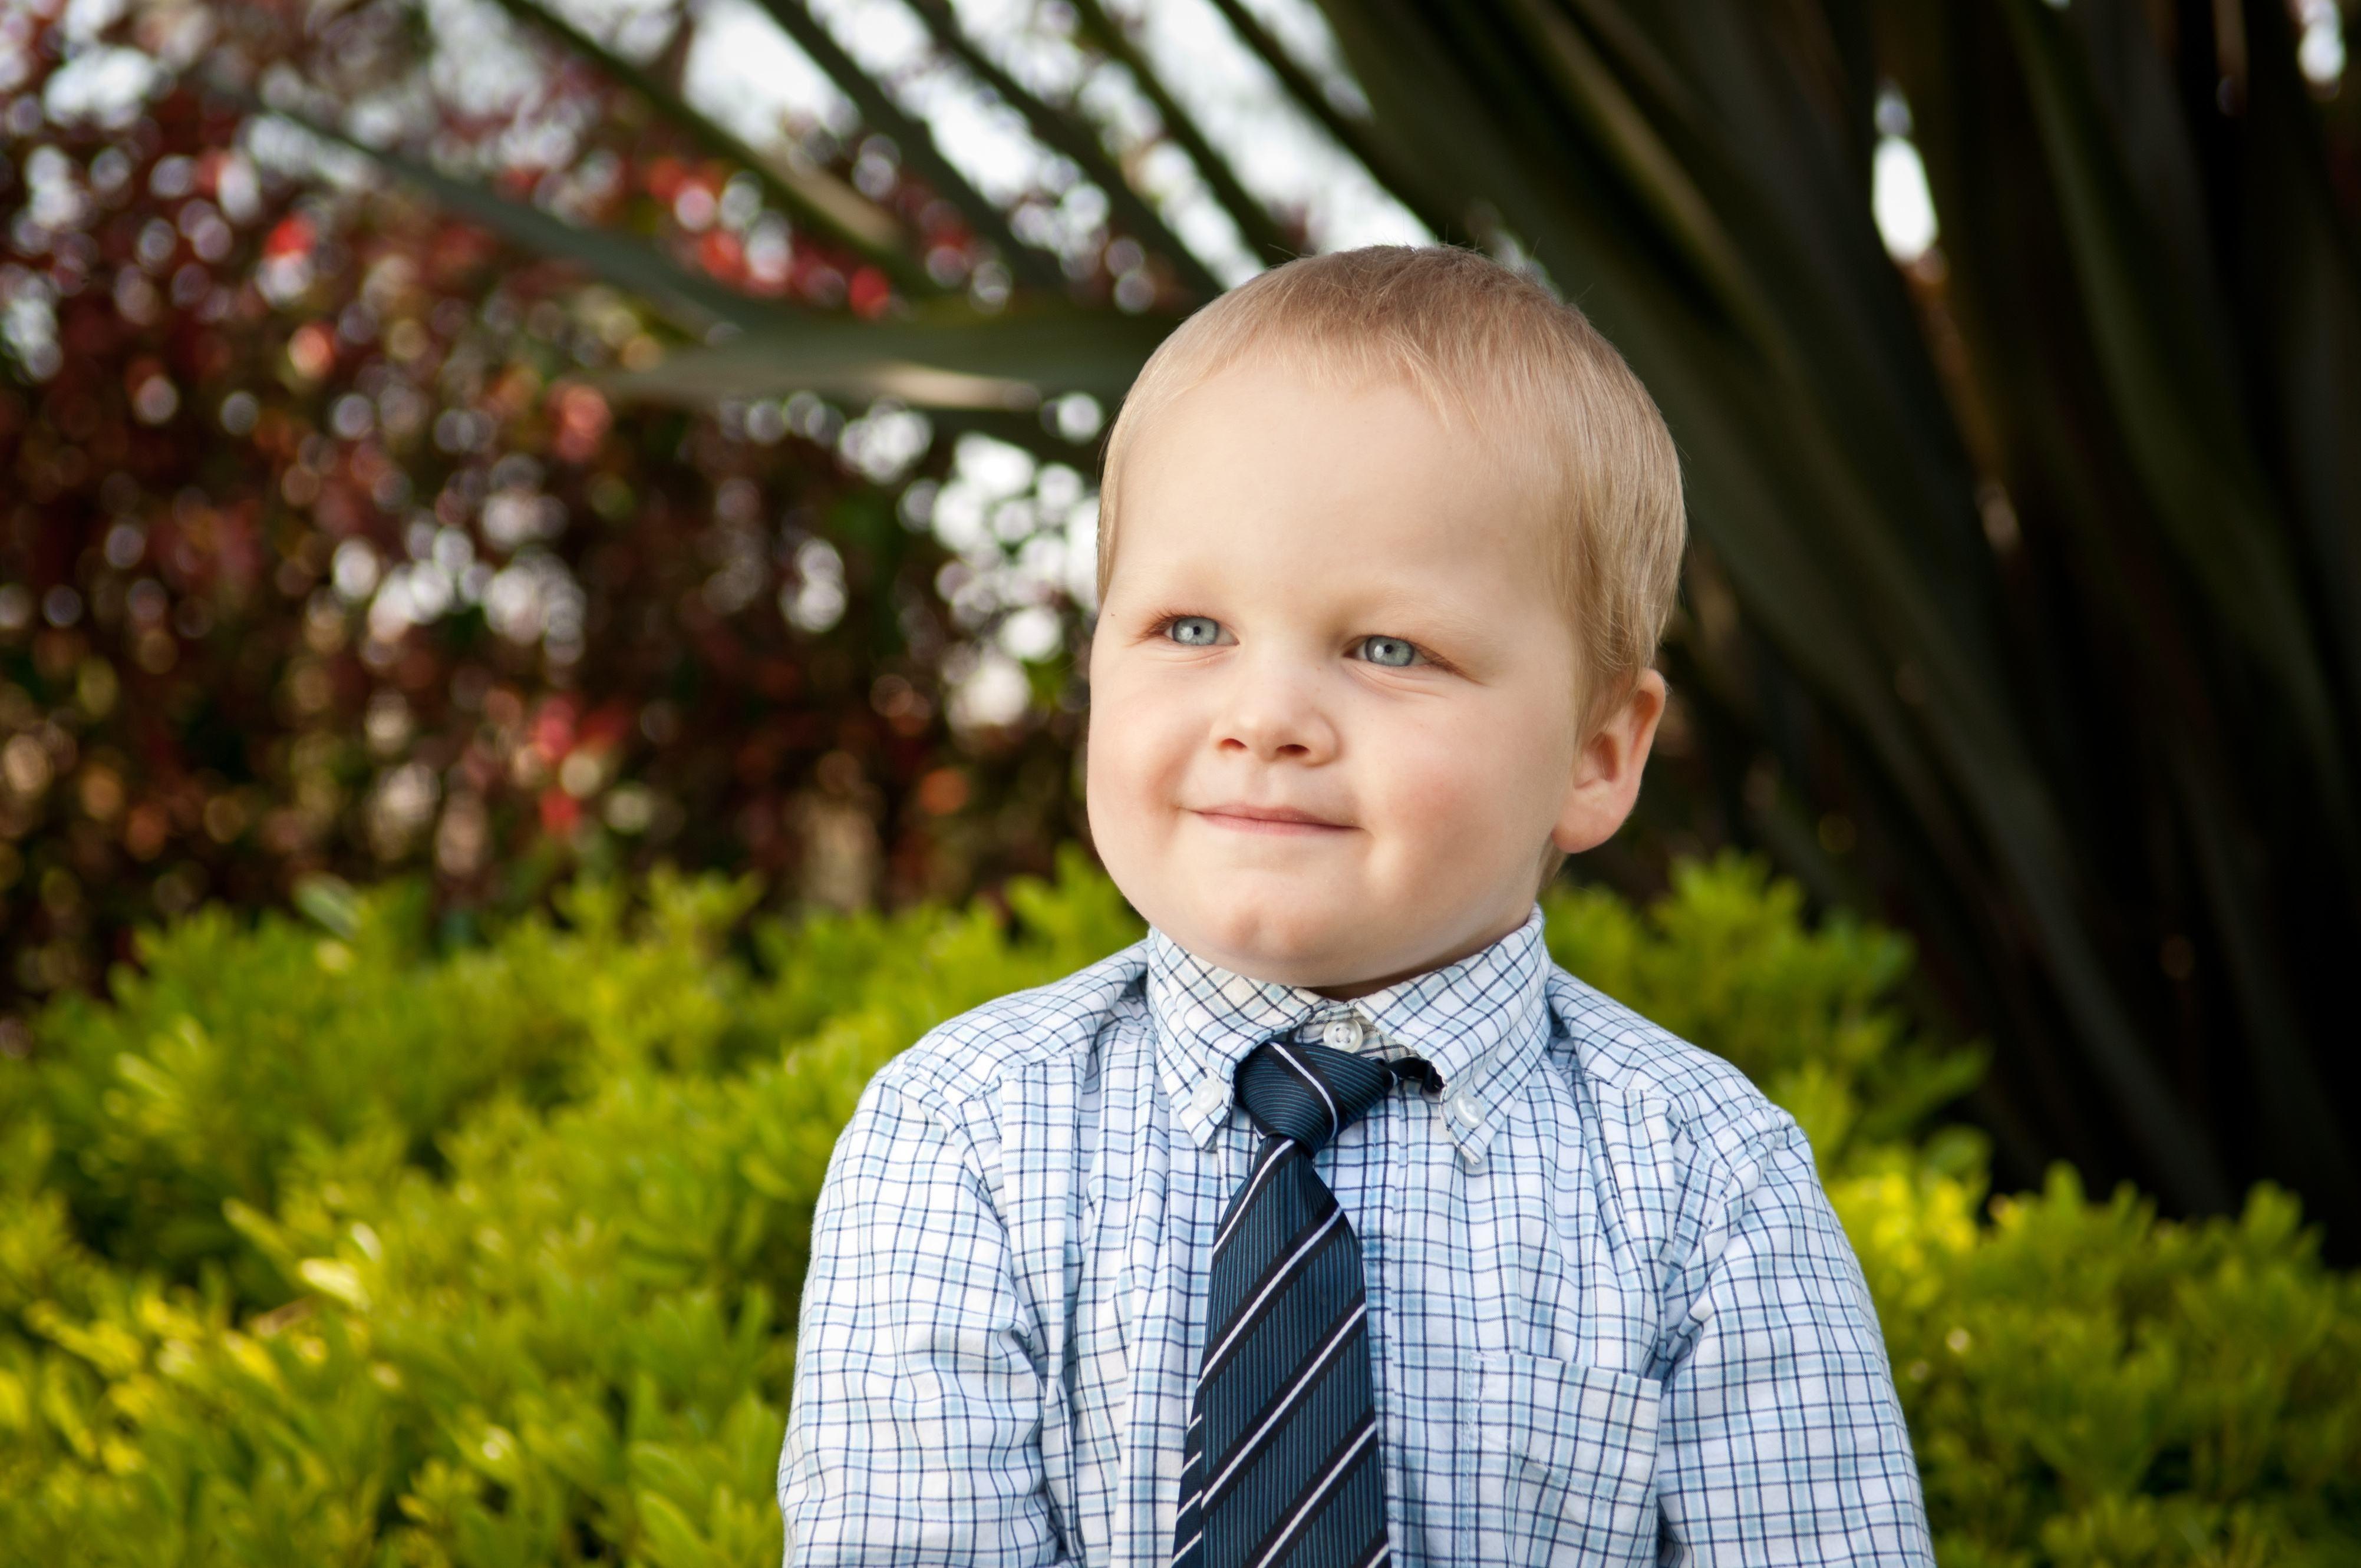 Cute boy hd wallpaper - Cute Boy Pic Beautiful Cute Boy Wallpapers Backgrounds